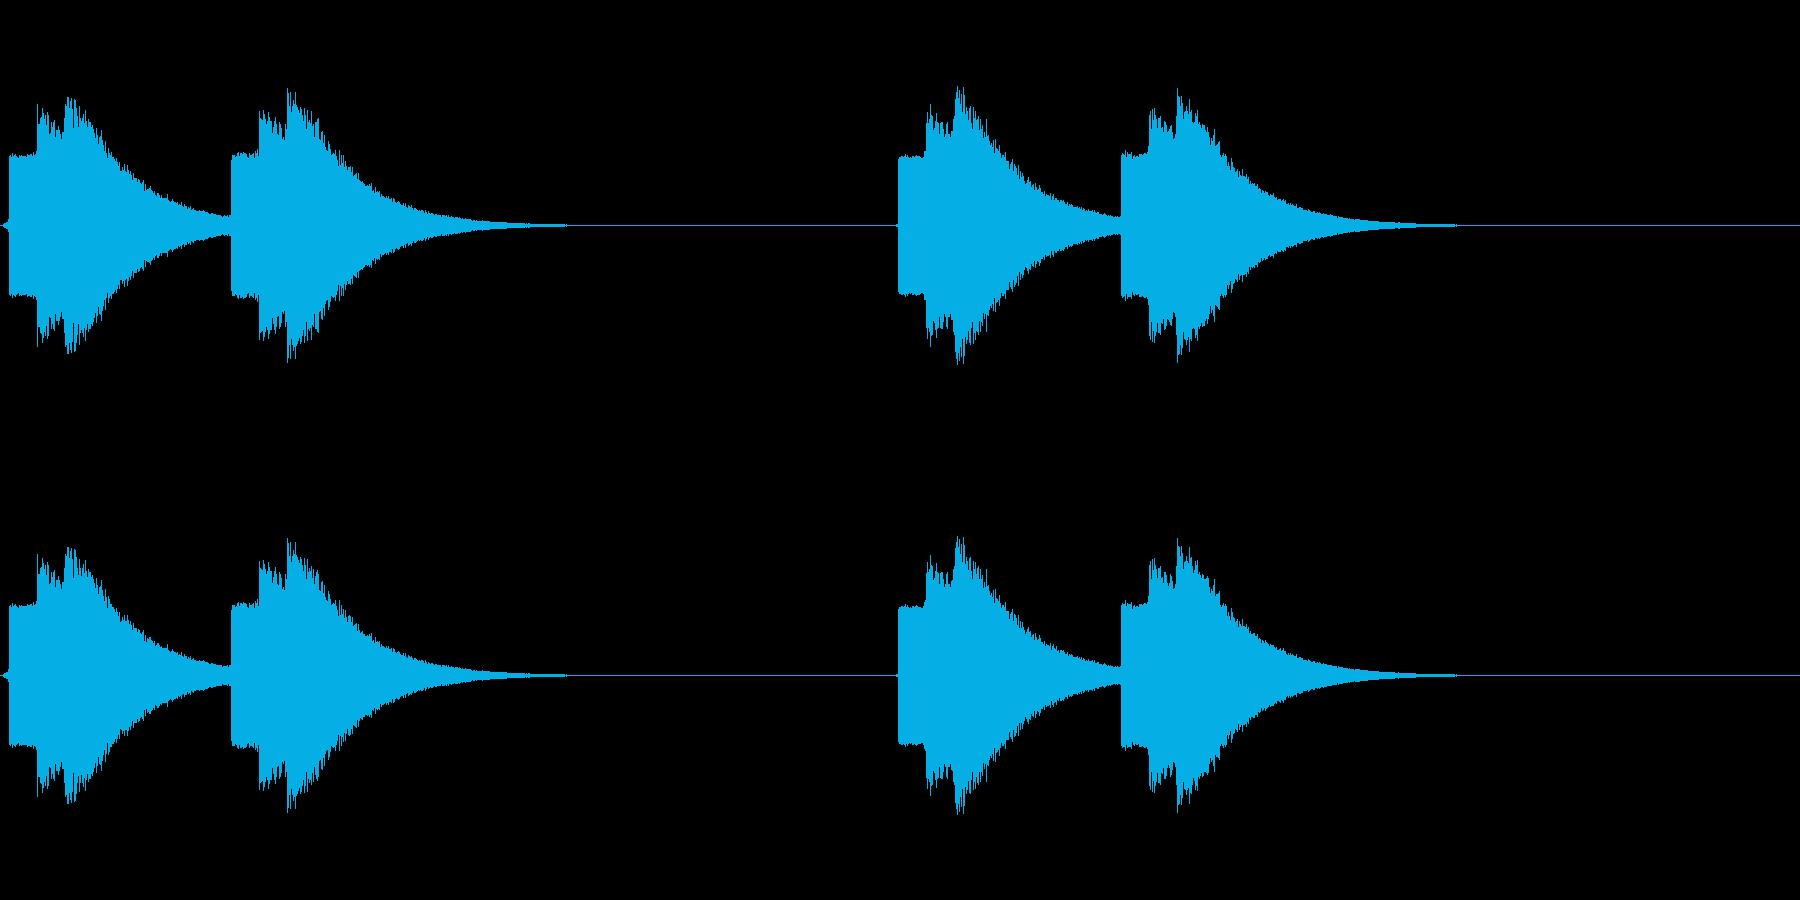 不穏な速報テロップ音(地震警報などにも)の再生済みの波形